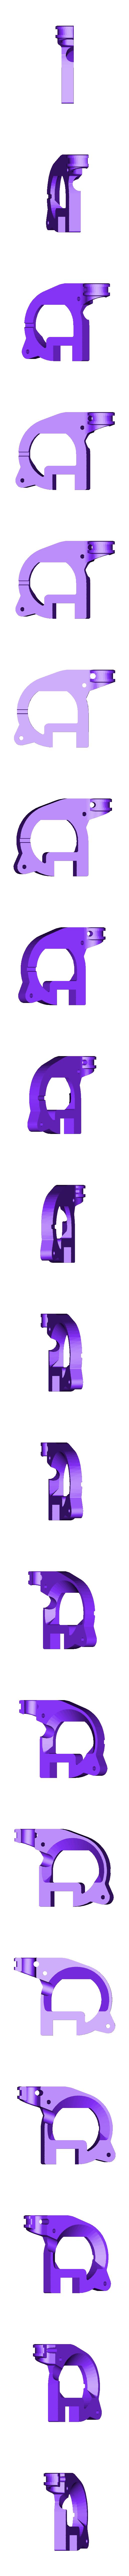 Duct_Fan_Mount-No_Tube_Holder.STL Télécharger fichier STL gratuit Montage sur ventilateur de gaine • Design pour imprimante 3D, AlbertKhan3D